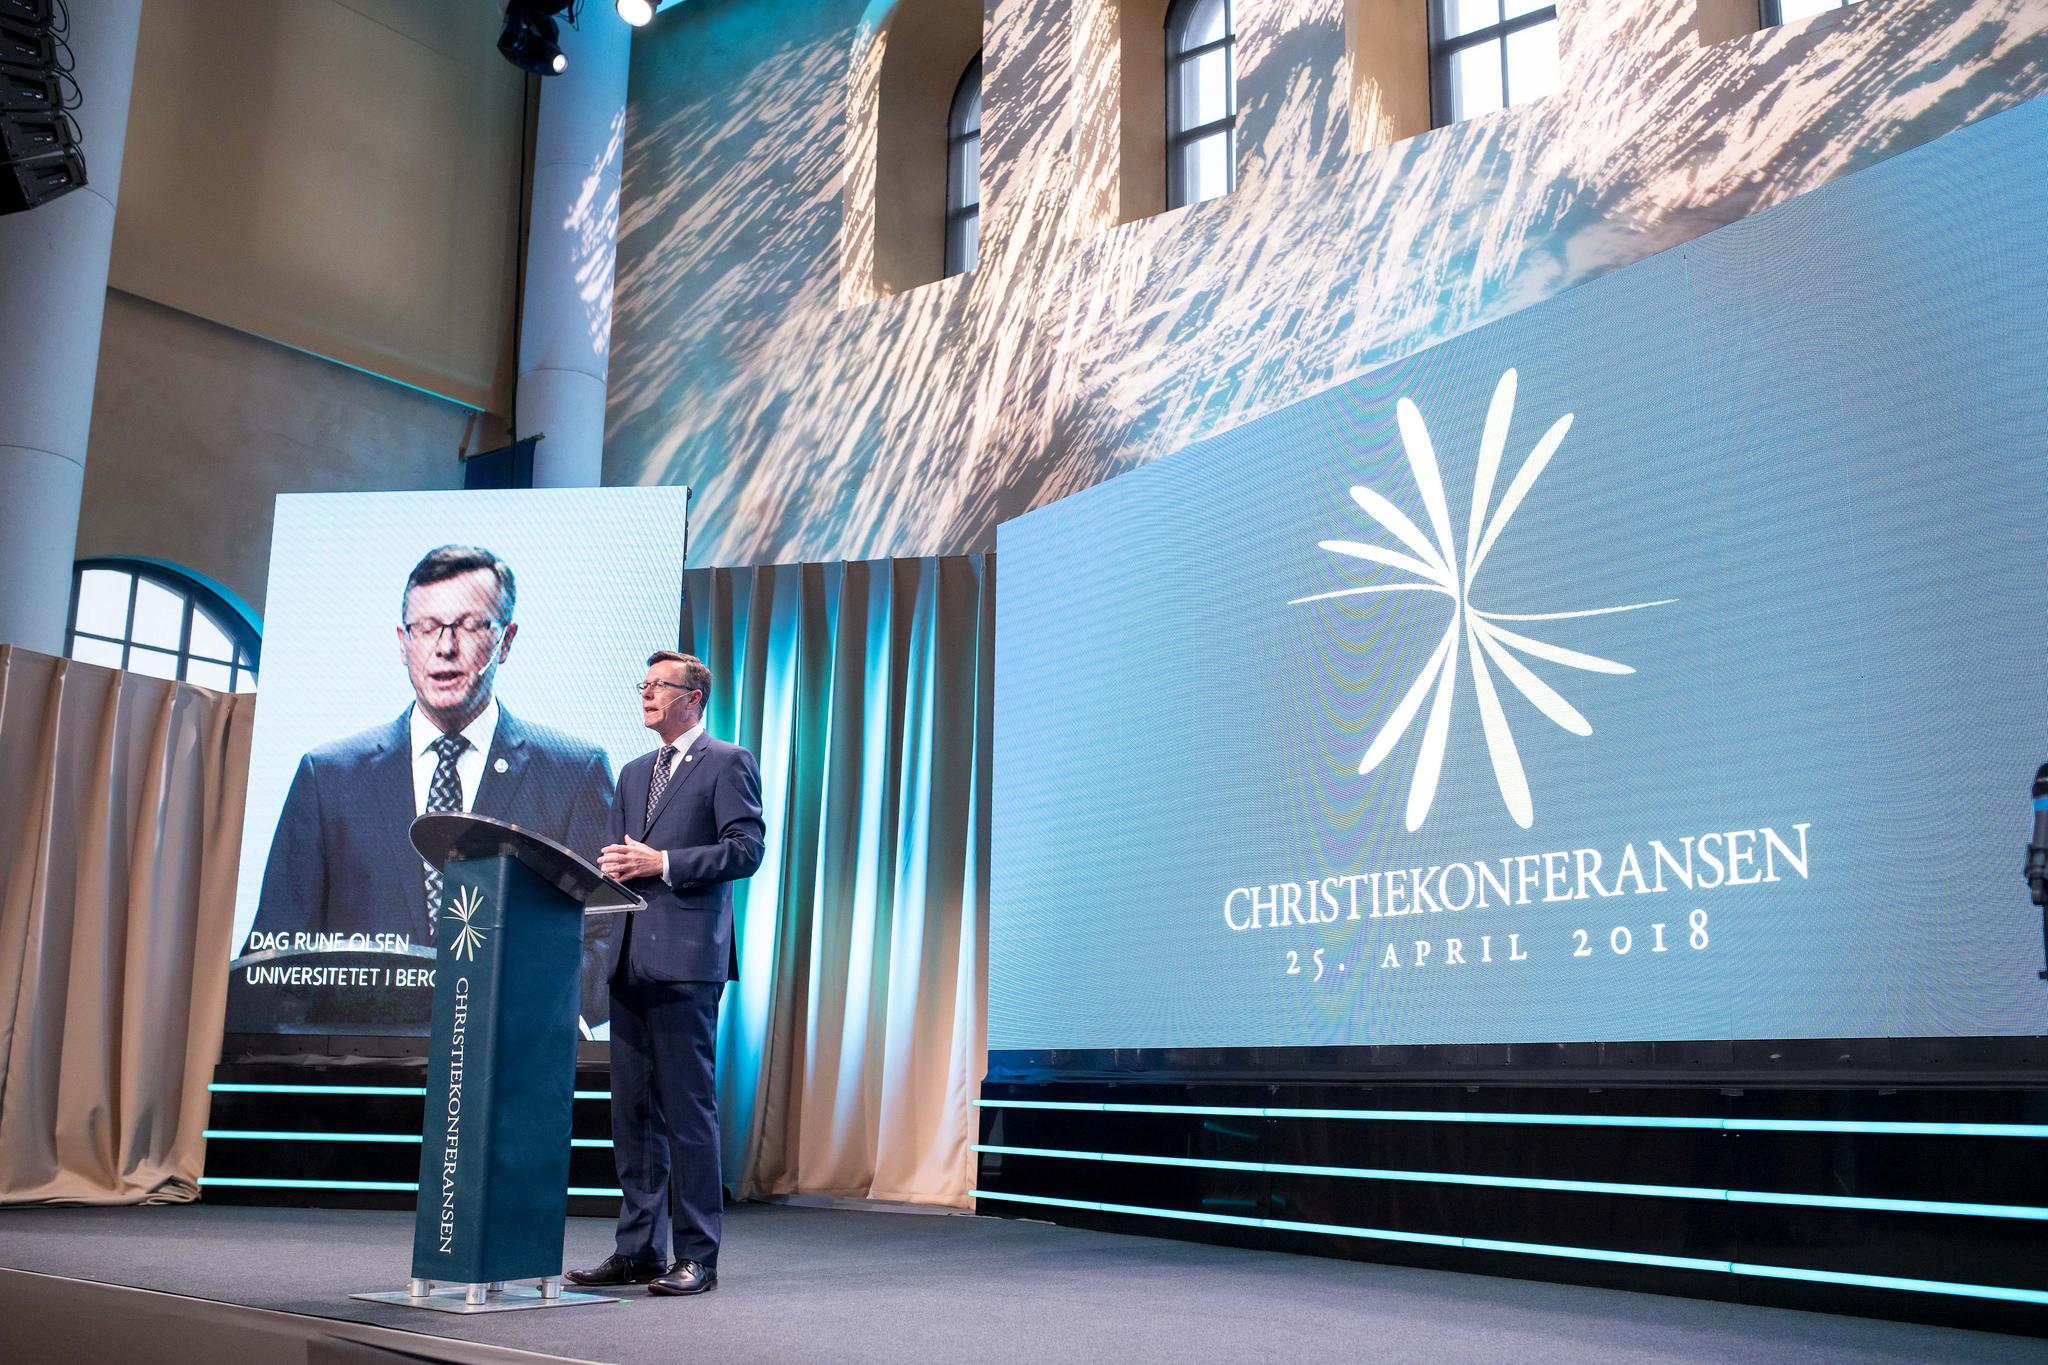 Christiekonferansen 2018